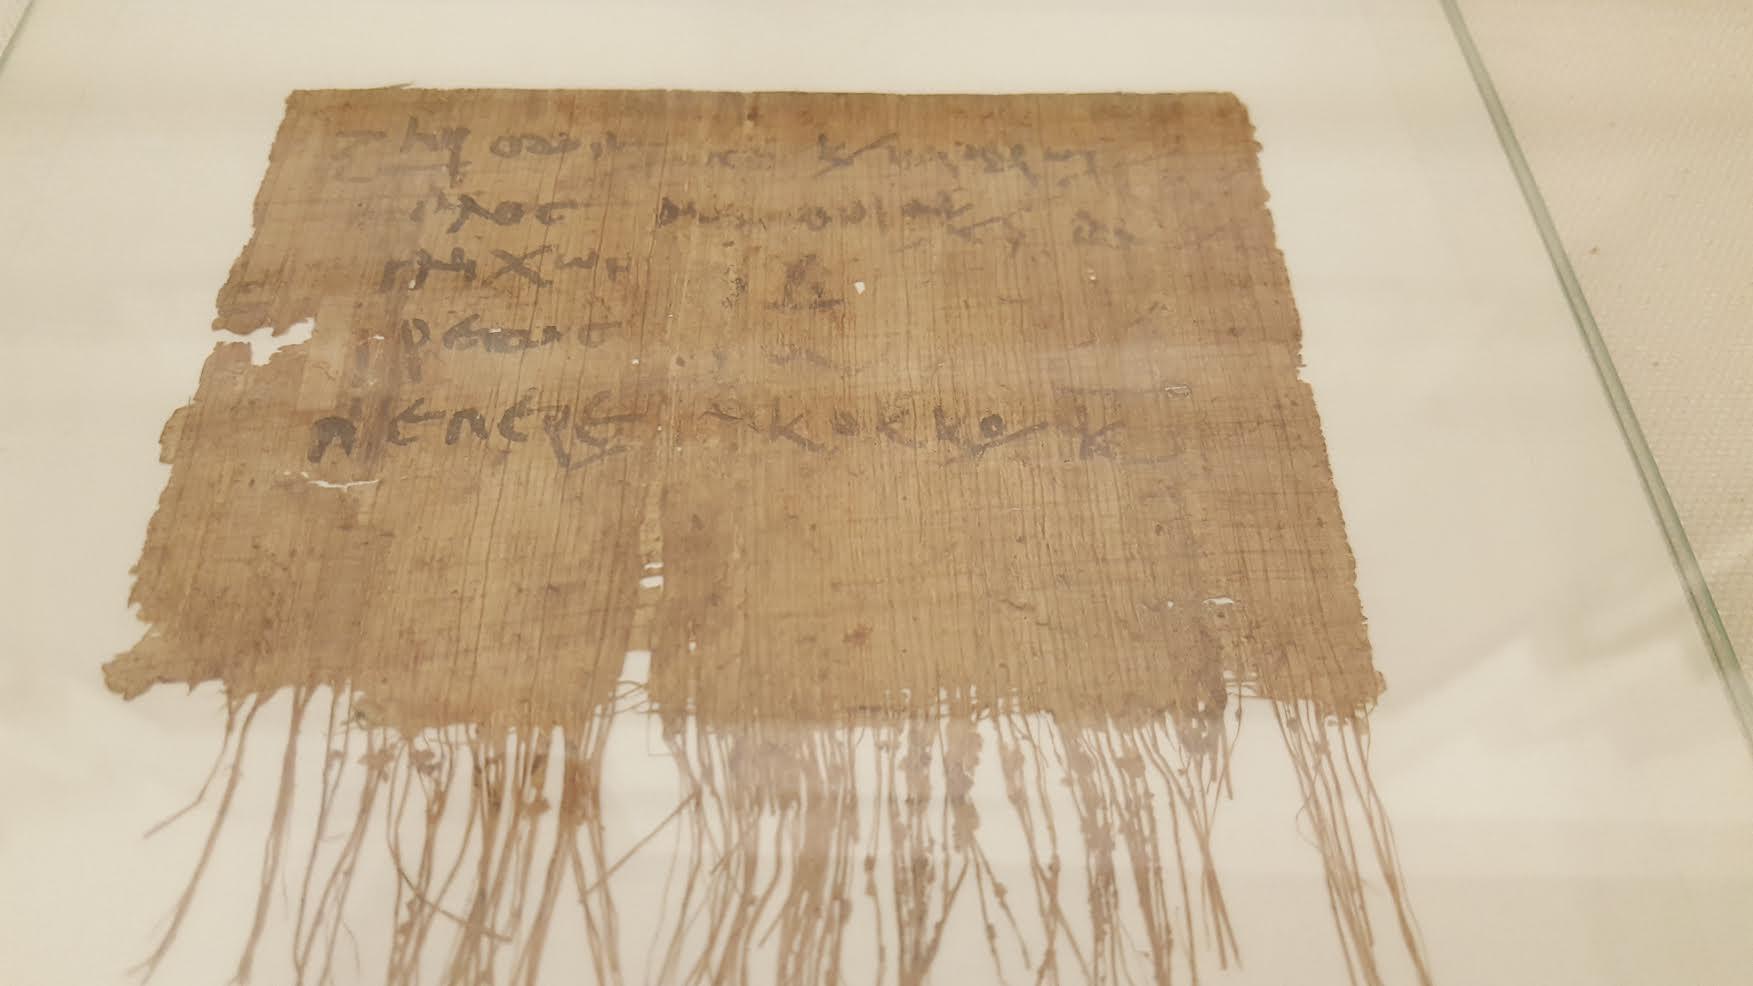 فرمول خمیر دندان مصری نوشته شده روی یک برگ پاپیروس